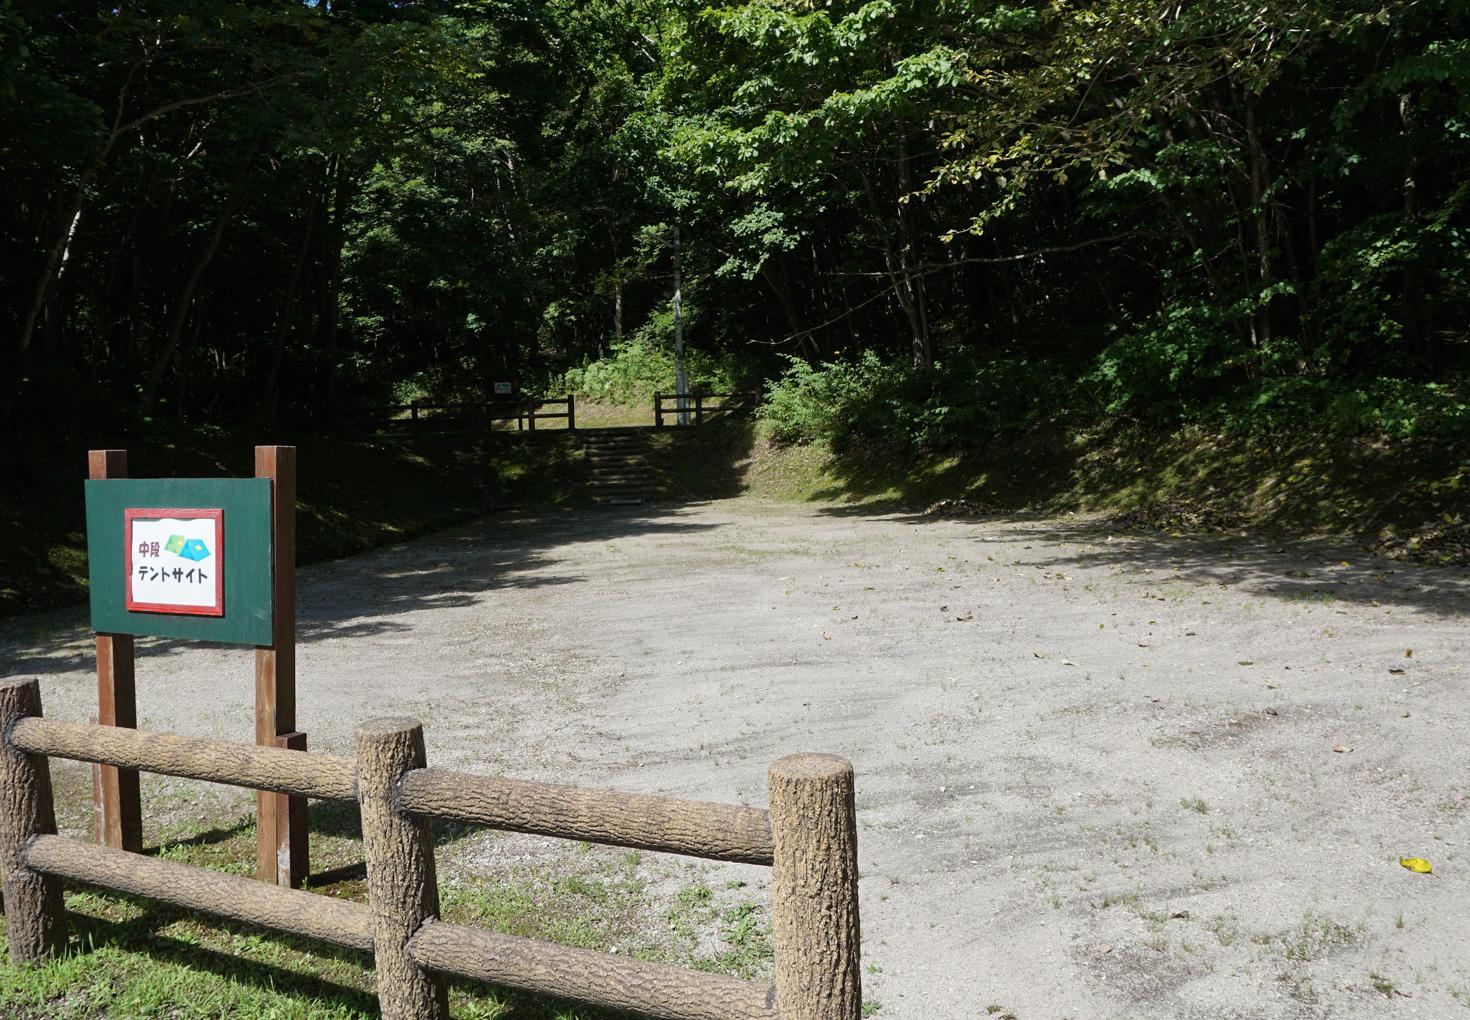 千歳市泉沢自然の森キャンプ場10